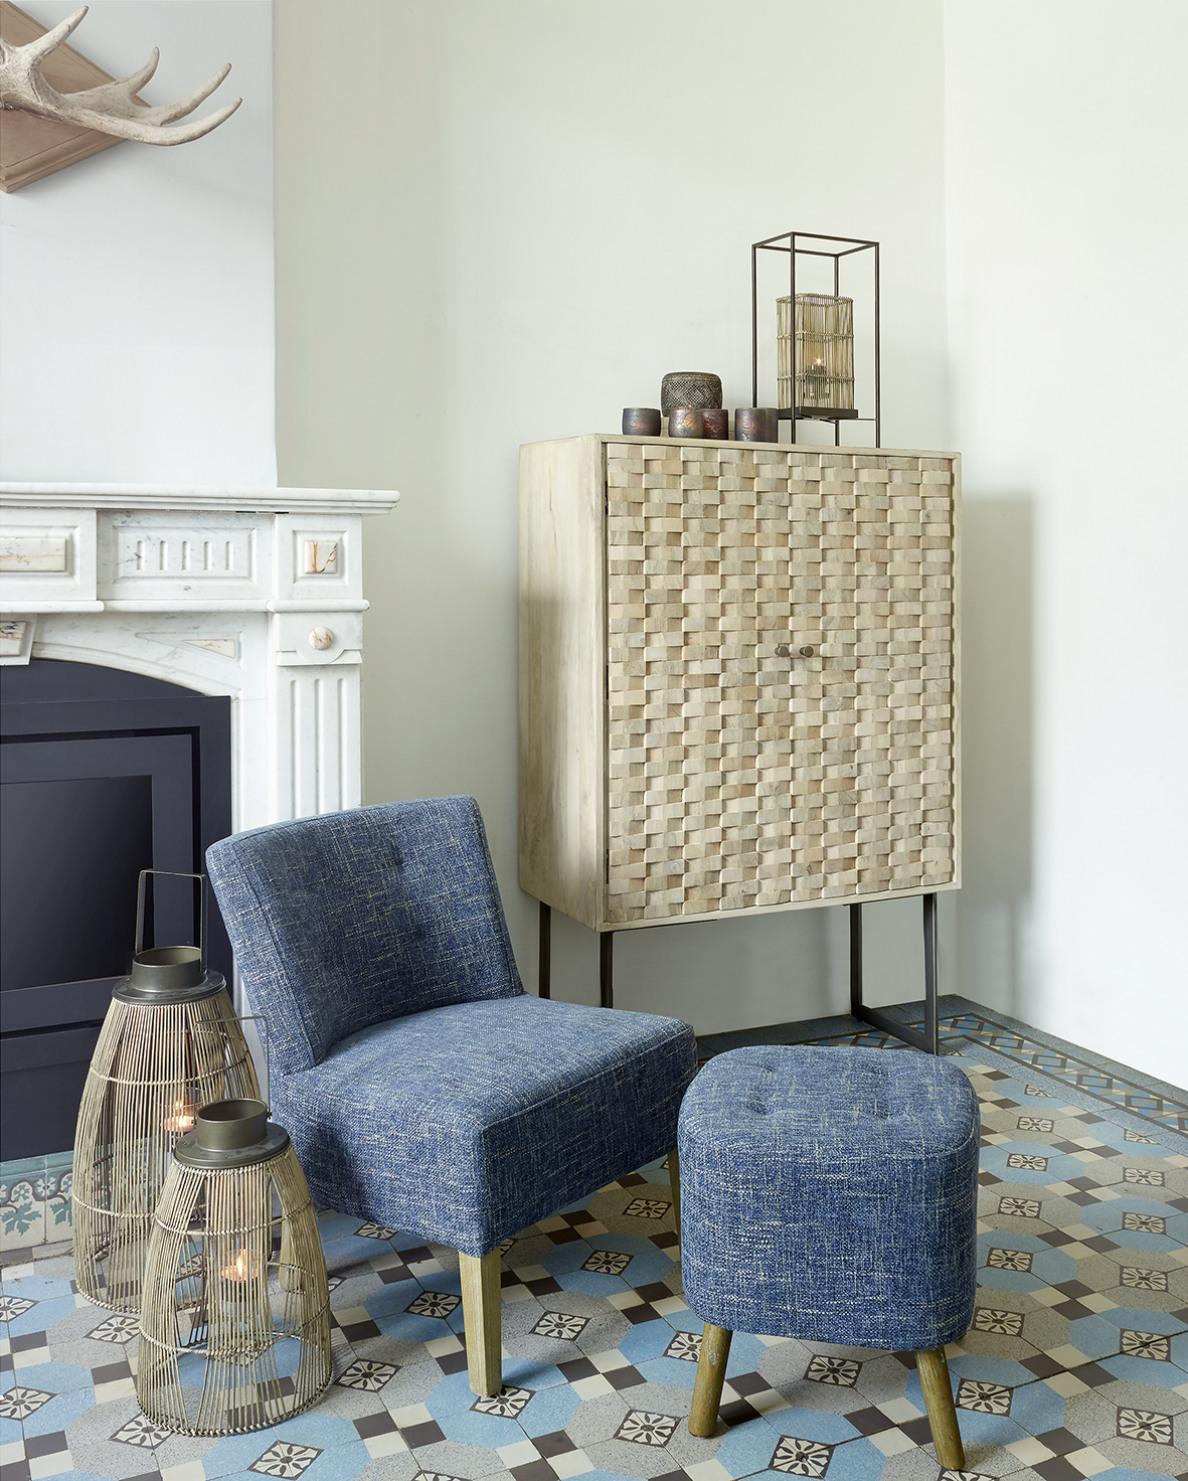 meubelen 6.jpg